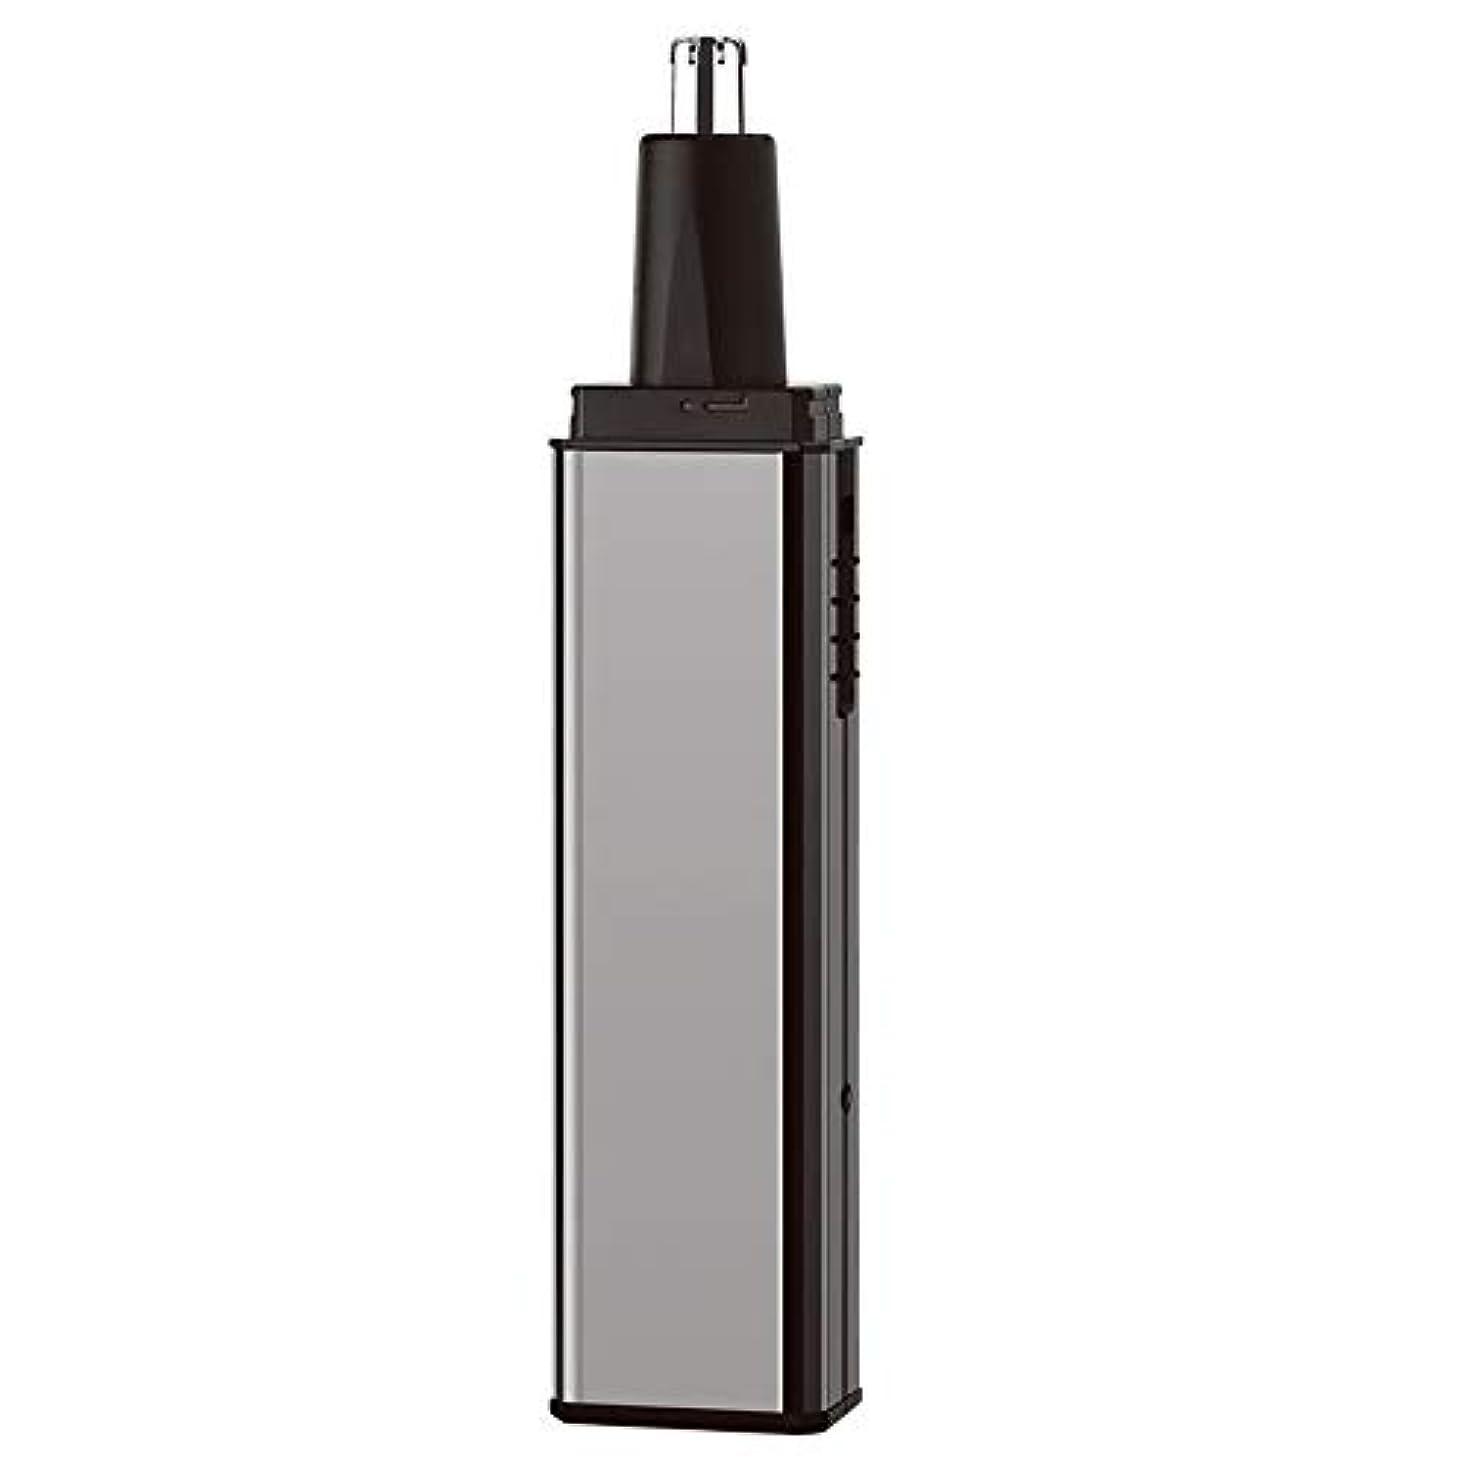 米ドルオーラル維持する鼻毛トリマー-多機能スーツフォーインワン/電気鼻毛トリマー/ステンレススチール/多機能/ 13.5 * 2.7cm 持つ価値があります